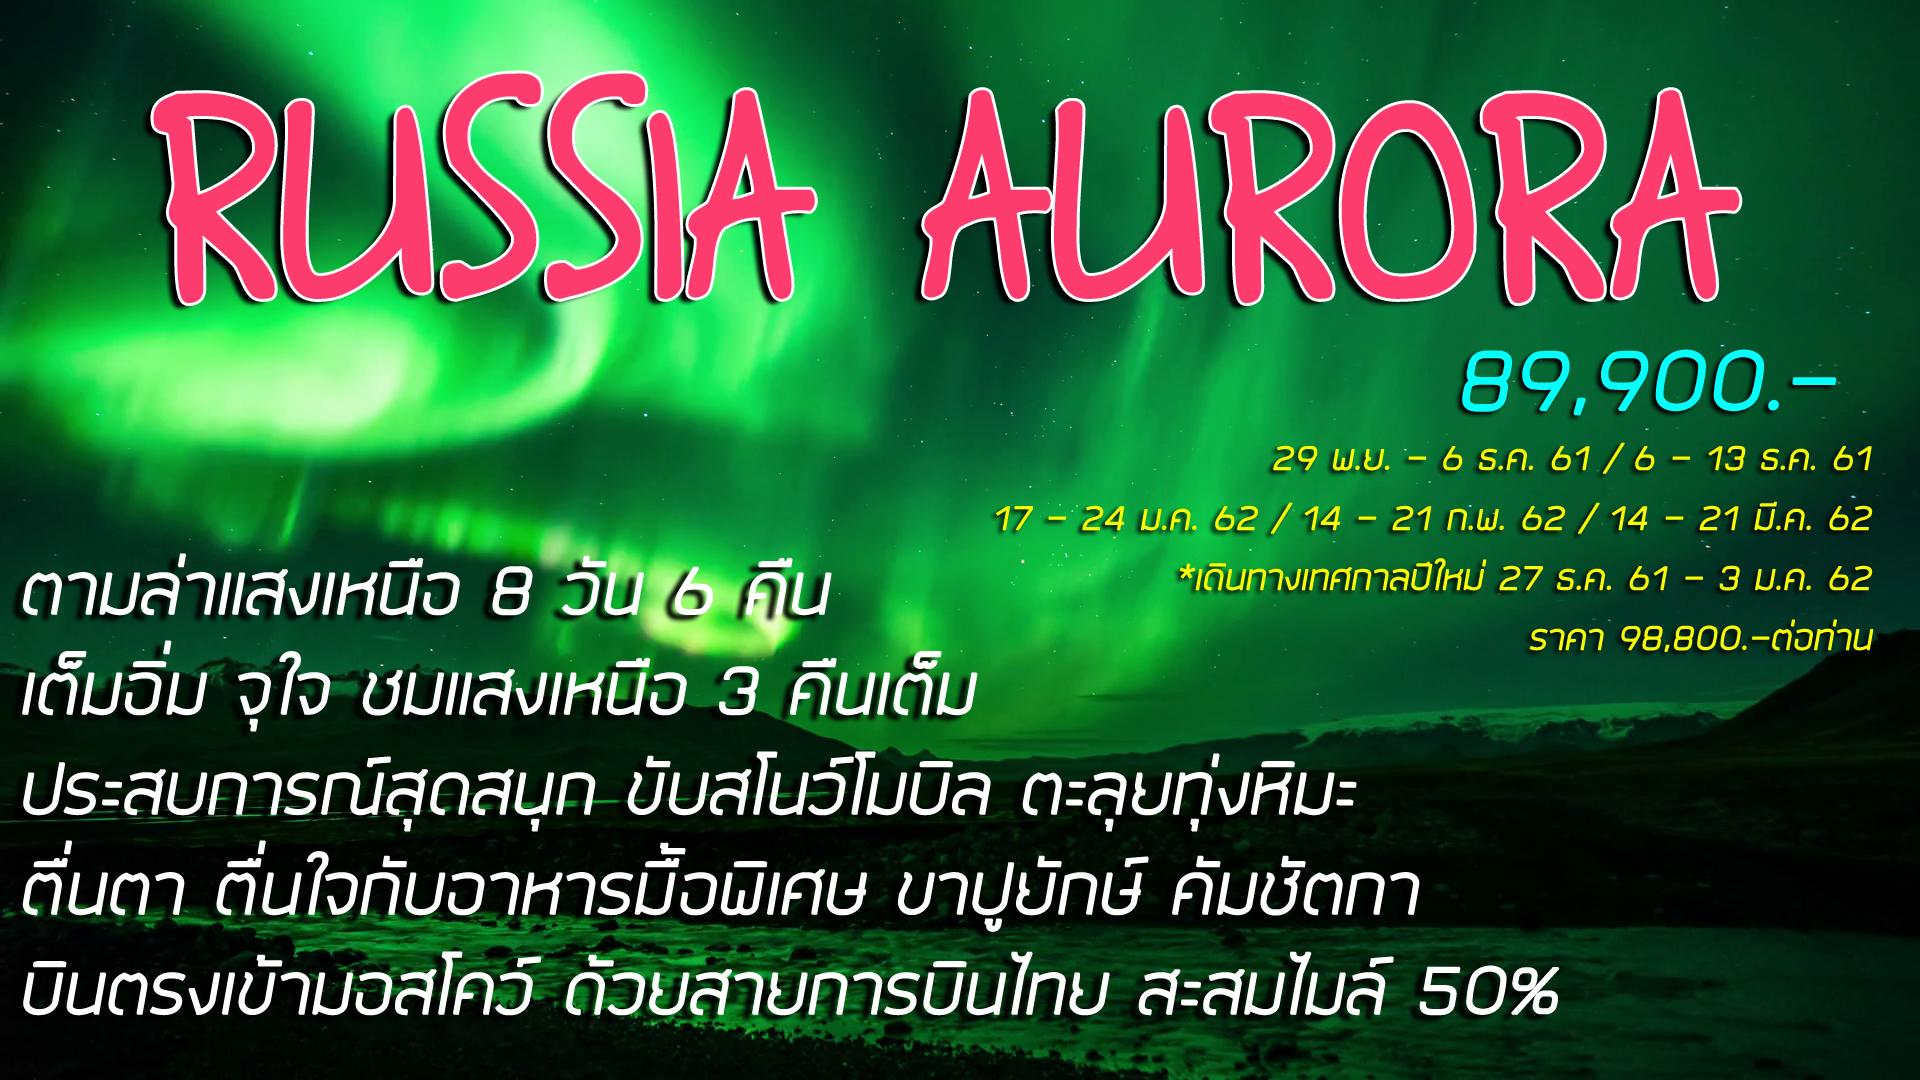 ทัวร์รัสเซีย แสงเหนือ บินตรง 8 วัน 6 คืน การบินไทย 2018